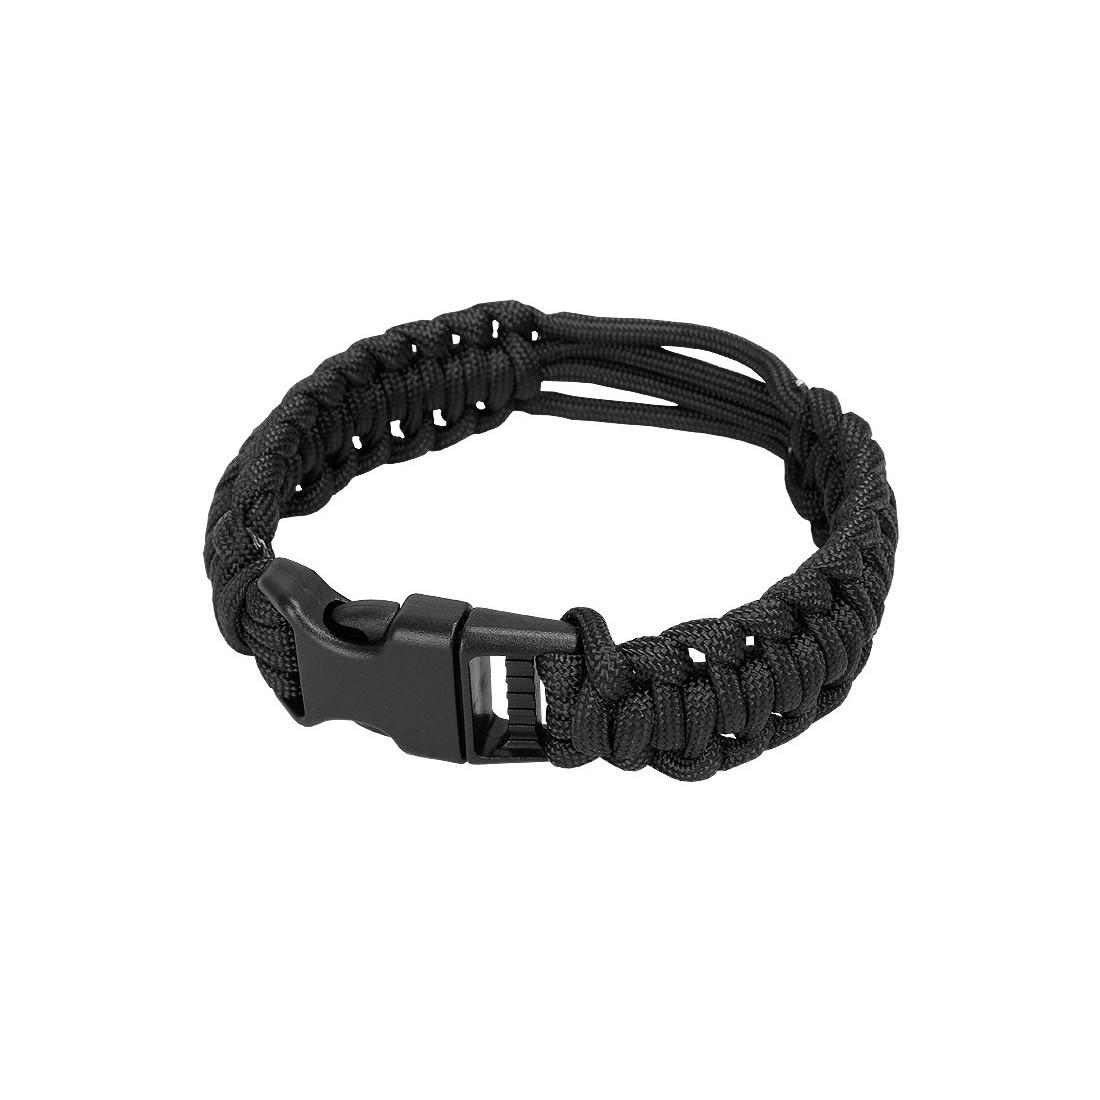 Clock Paracord Survival Bracelet bk M